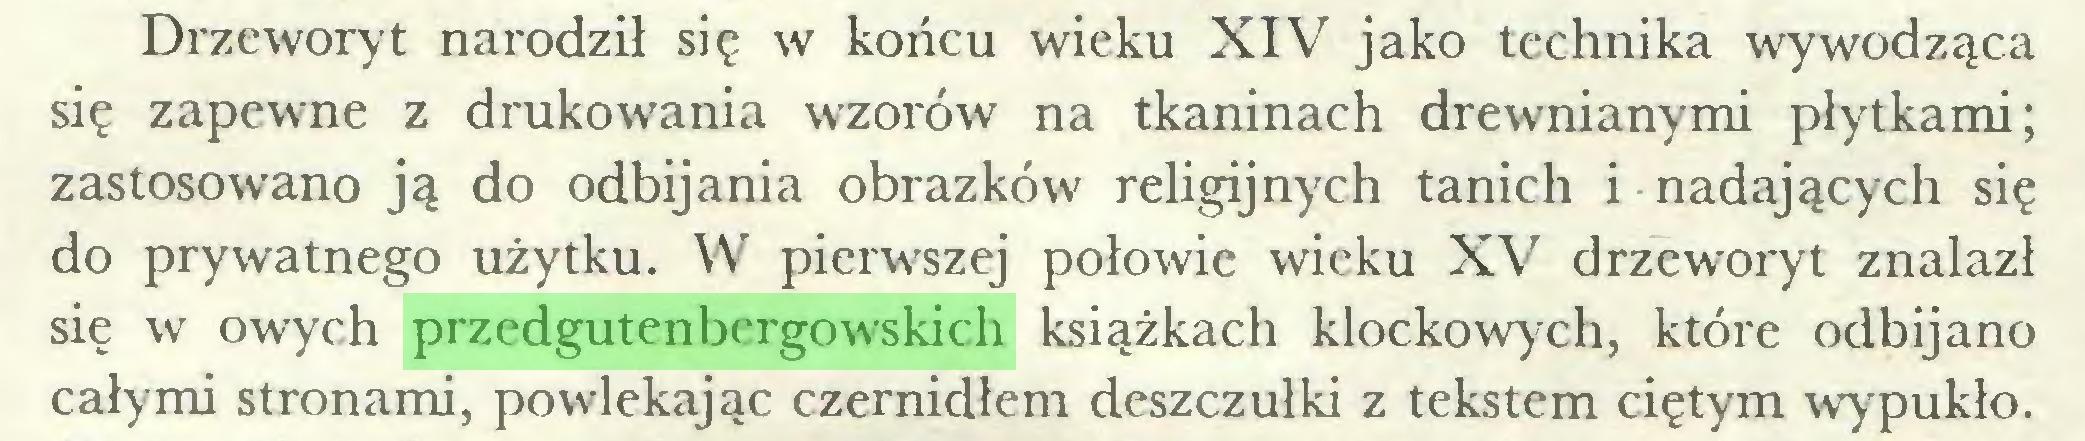 (...) Drzeworyt narodził się w końcu wieku XIV jako technika wywodząca się zapewne z drukowania wzorów na tkaninach drewnianymi płytkami; zastosowano ją do odbijania obrazków religijnych tanich i nadających się do prywatnego użytku. W pierwszej połowie wieku XV drzeworyt znalazł się w owych przedgutenbergowskich książkach klockowych, które odbijano całymi stronami, powlekając czernidłem deszczułki z tekstem ciętym wypukło...